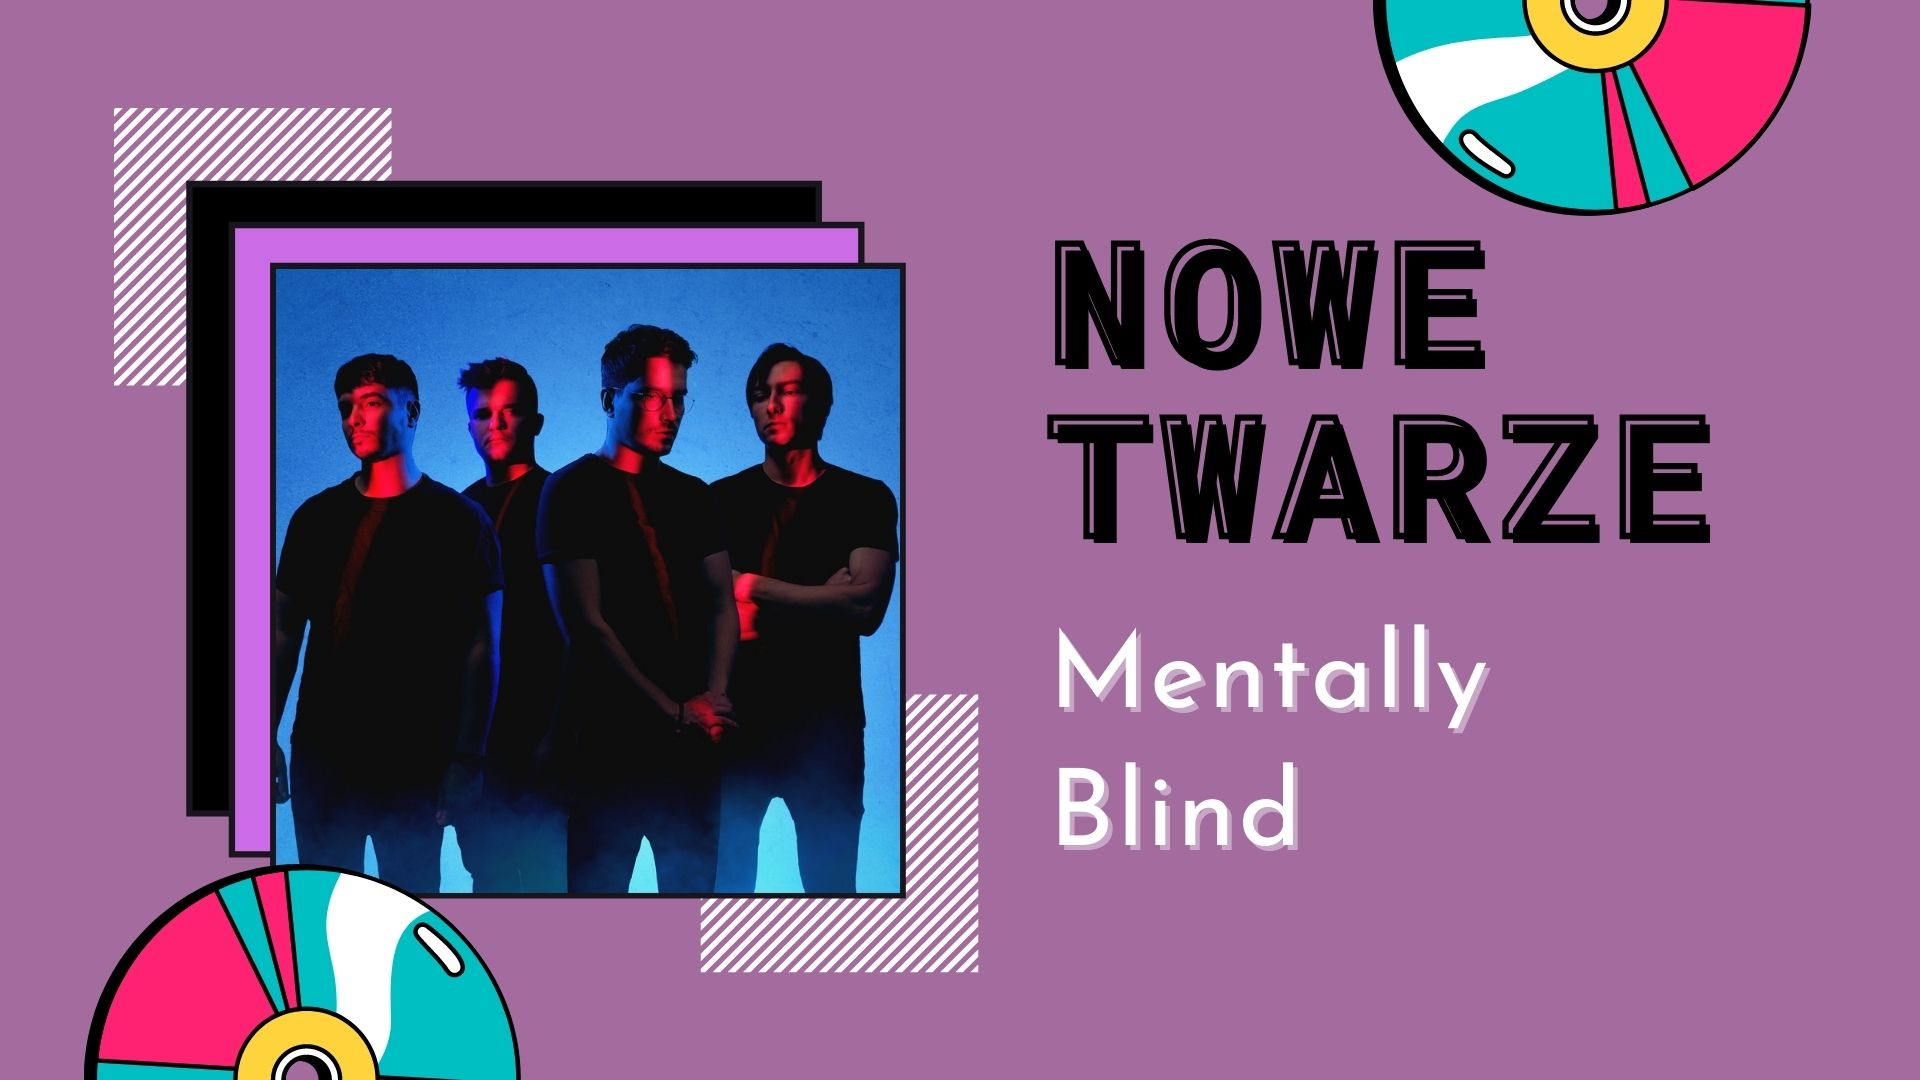 NOWE TWARZE   Mentally Blind